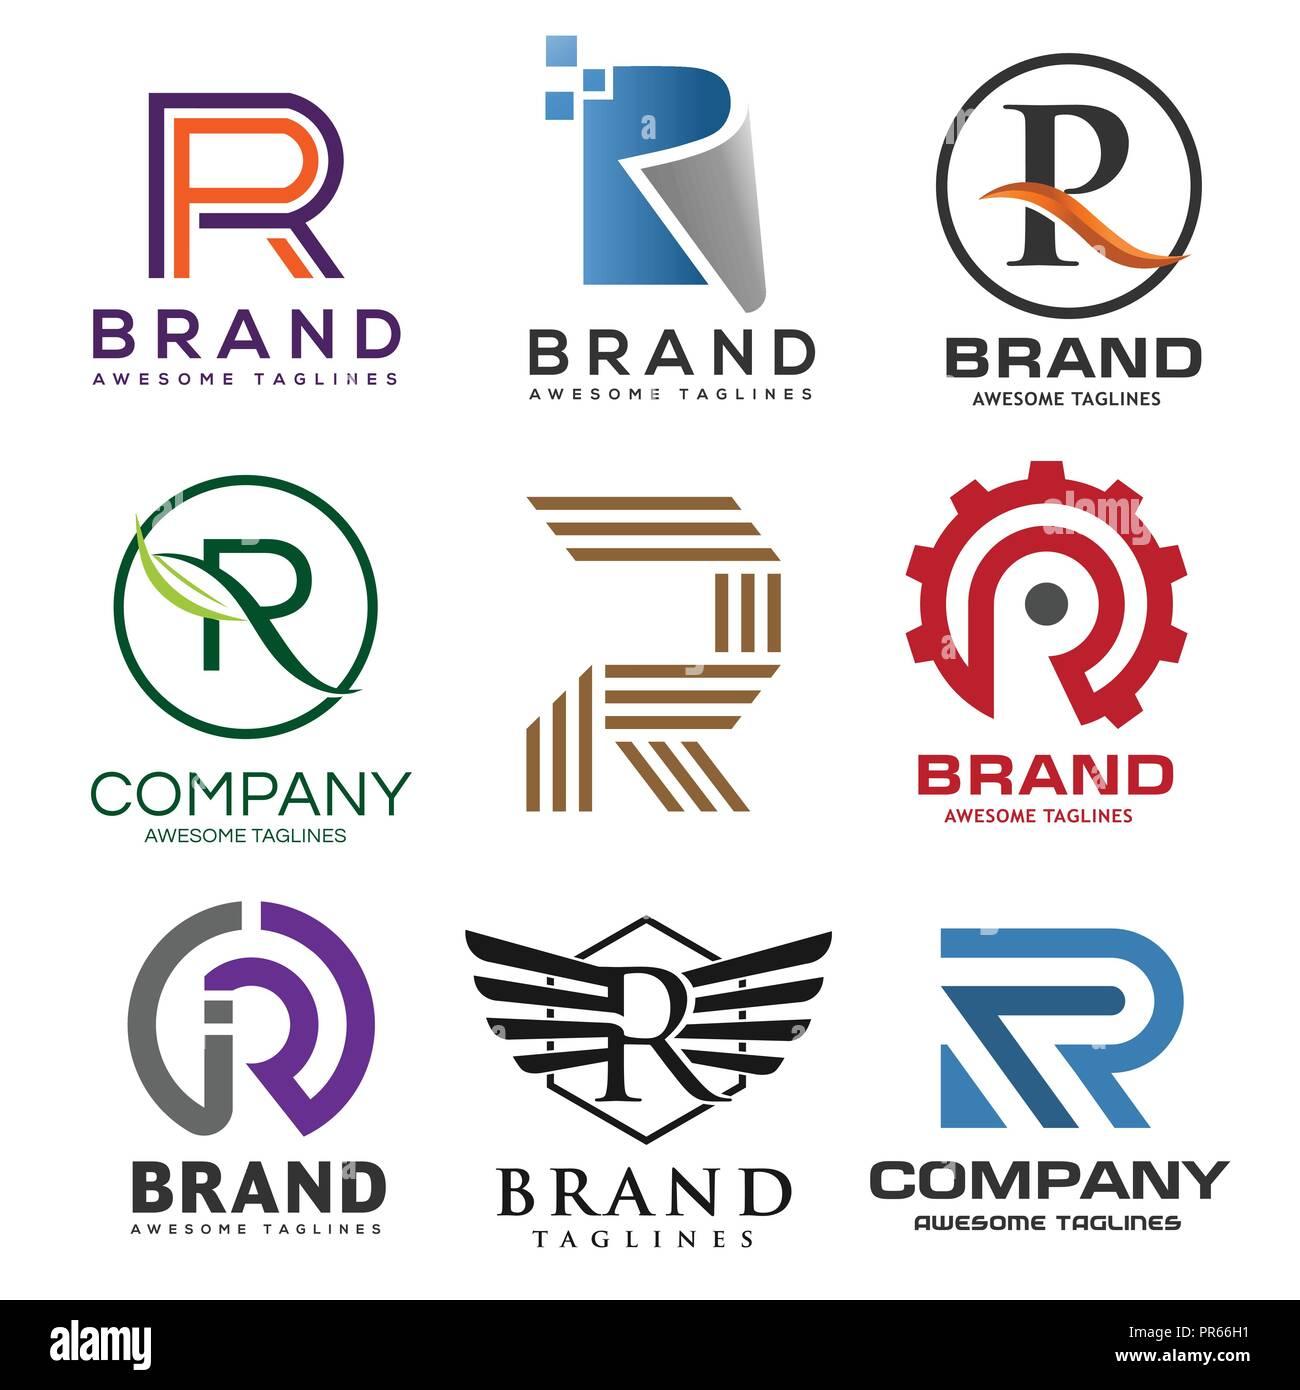 154c44e321cc7 Creative lettre R logo, meilleure lettre R set design de logo, conception de  logo d'entreprise abstrait moderne,modèle de lettre R modèle Logo  modifiable ...